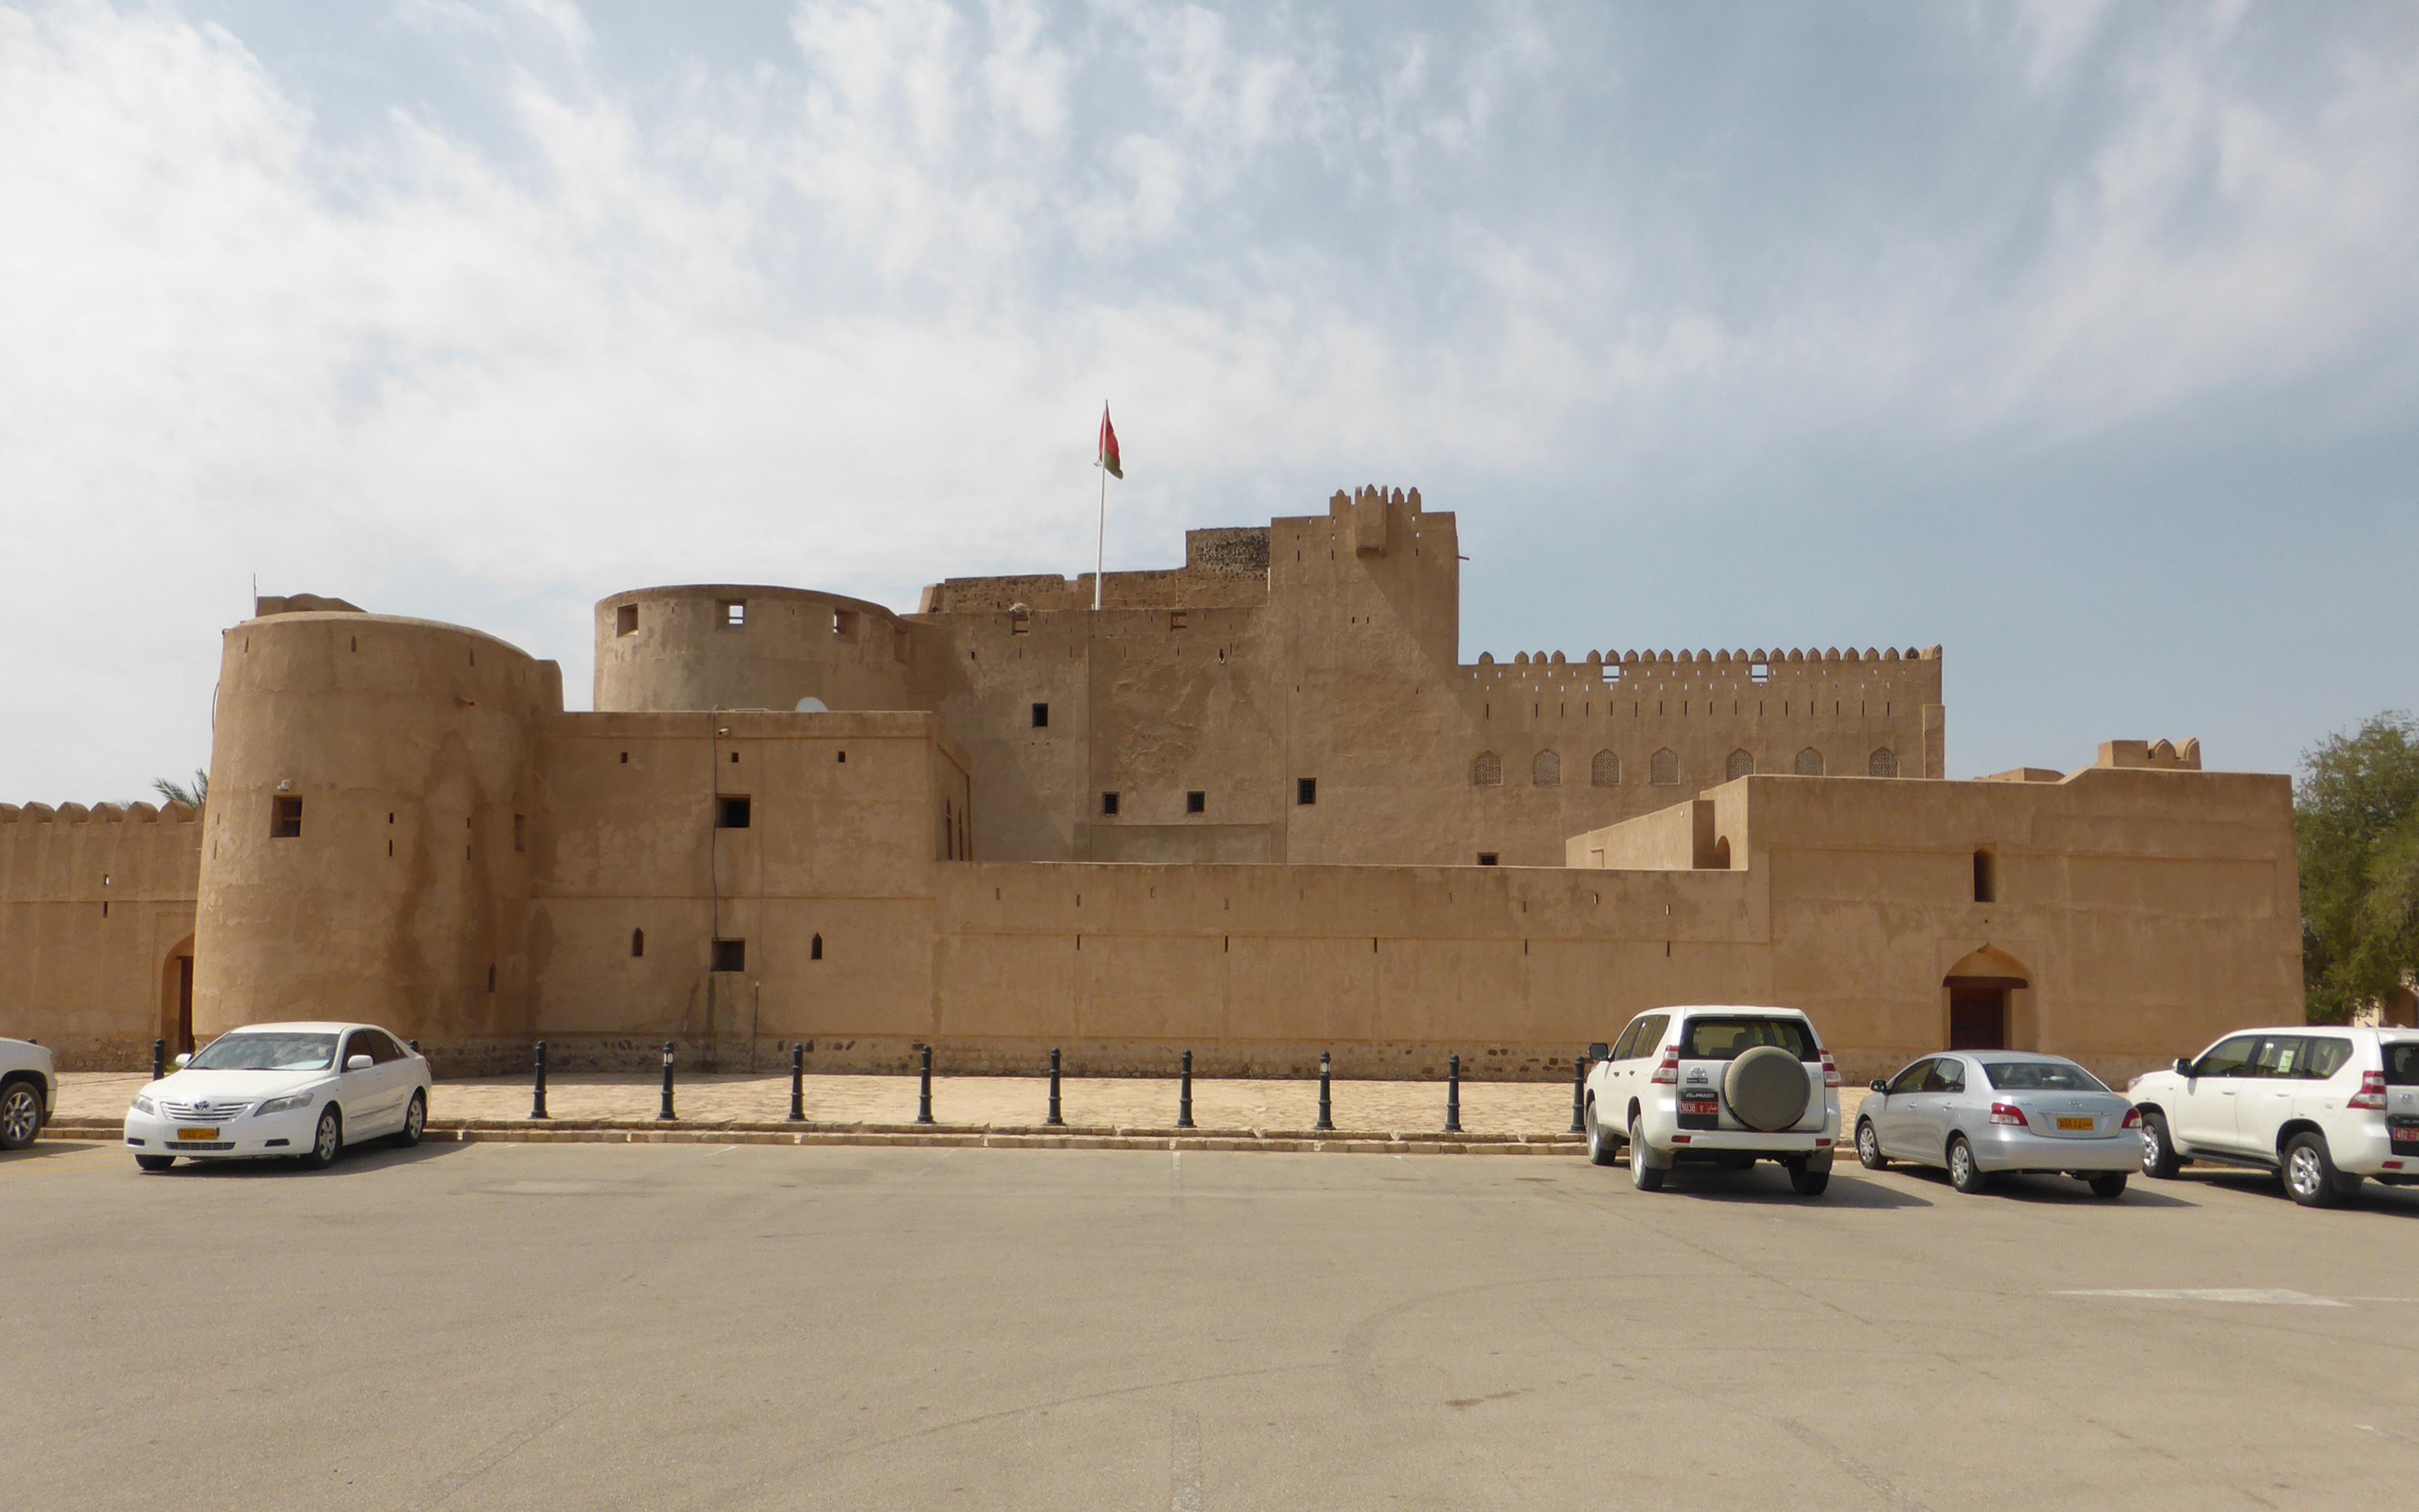 Oman's Treasure Chest